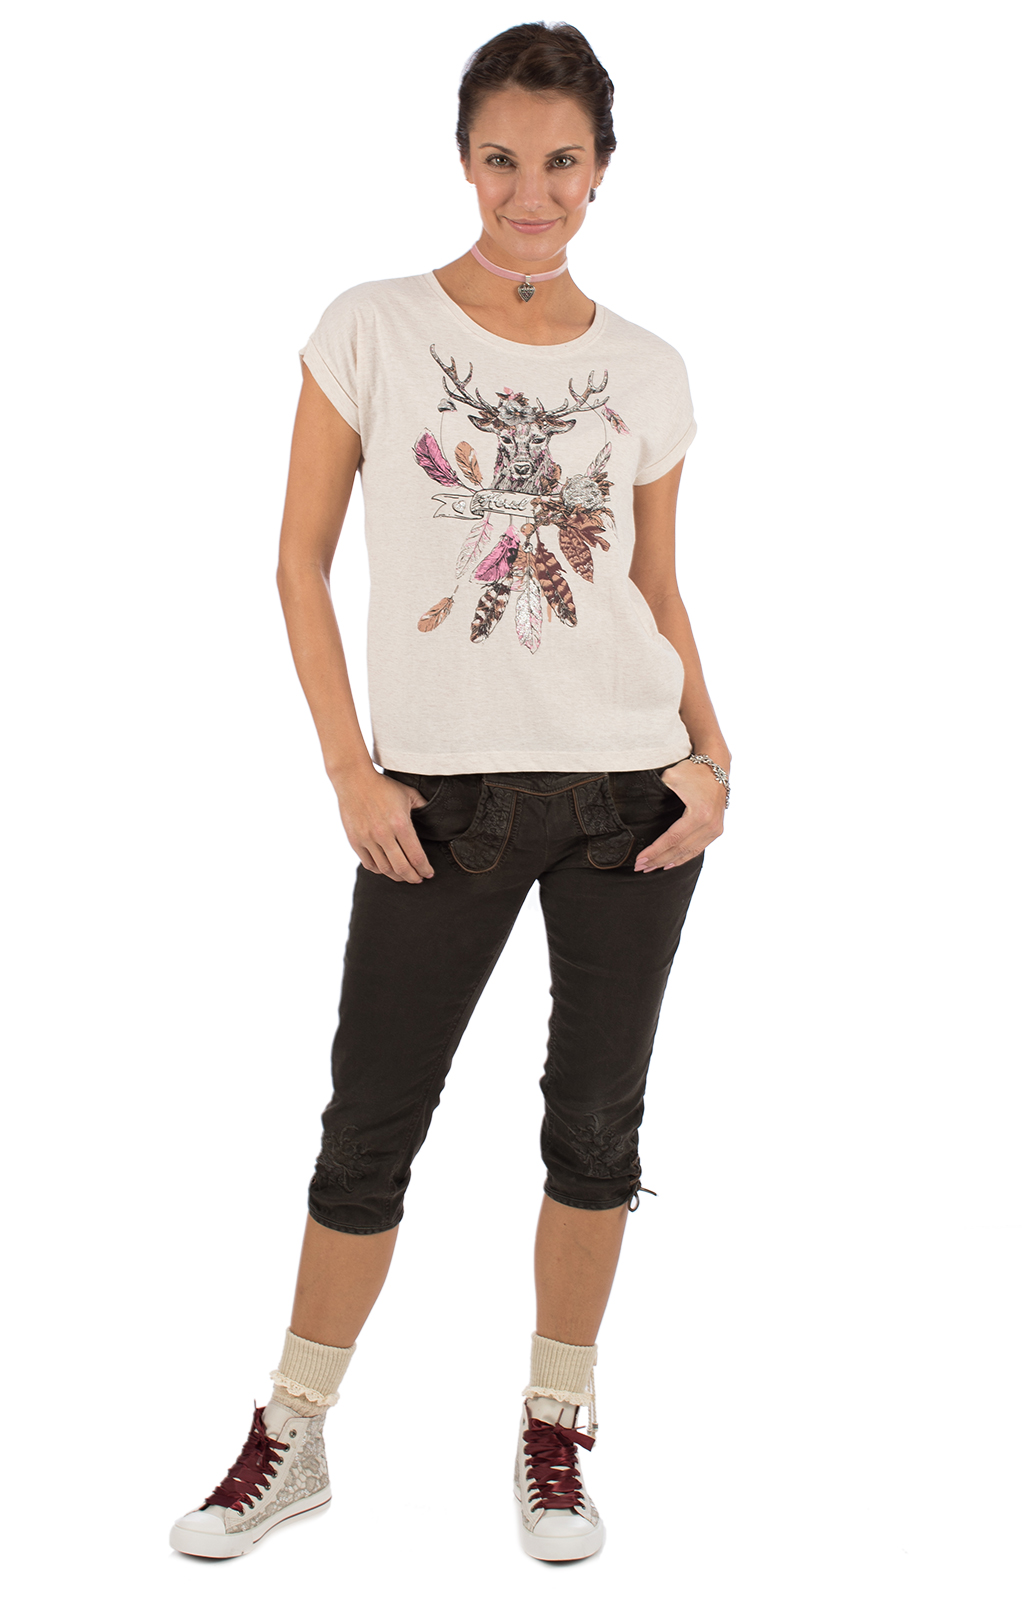 weitere Bilder von Trachten Shirt MESQUITE beige